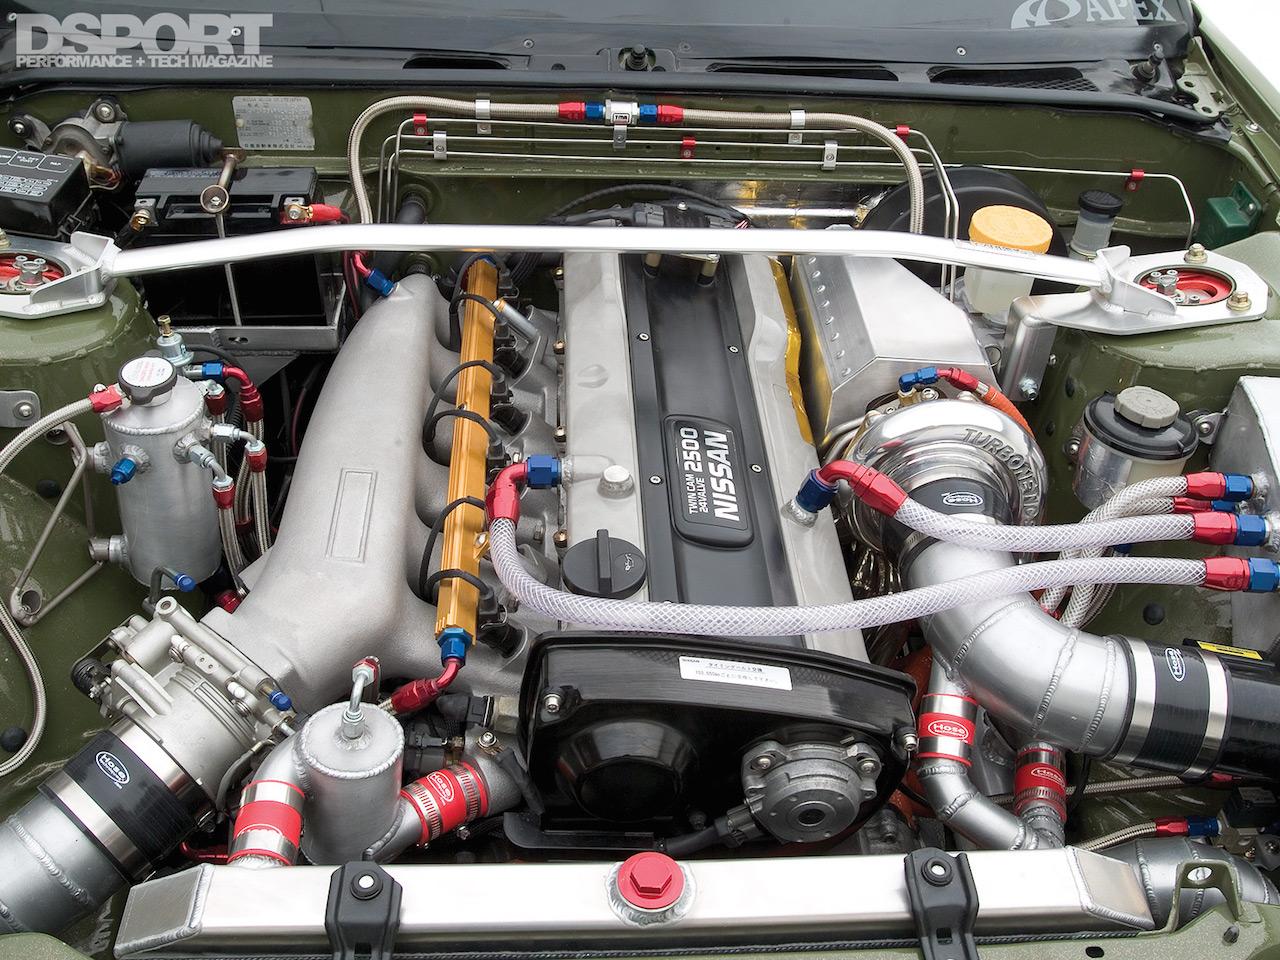 Parlons moteurs... Le légende passe aussi par eux. 145